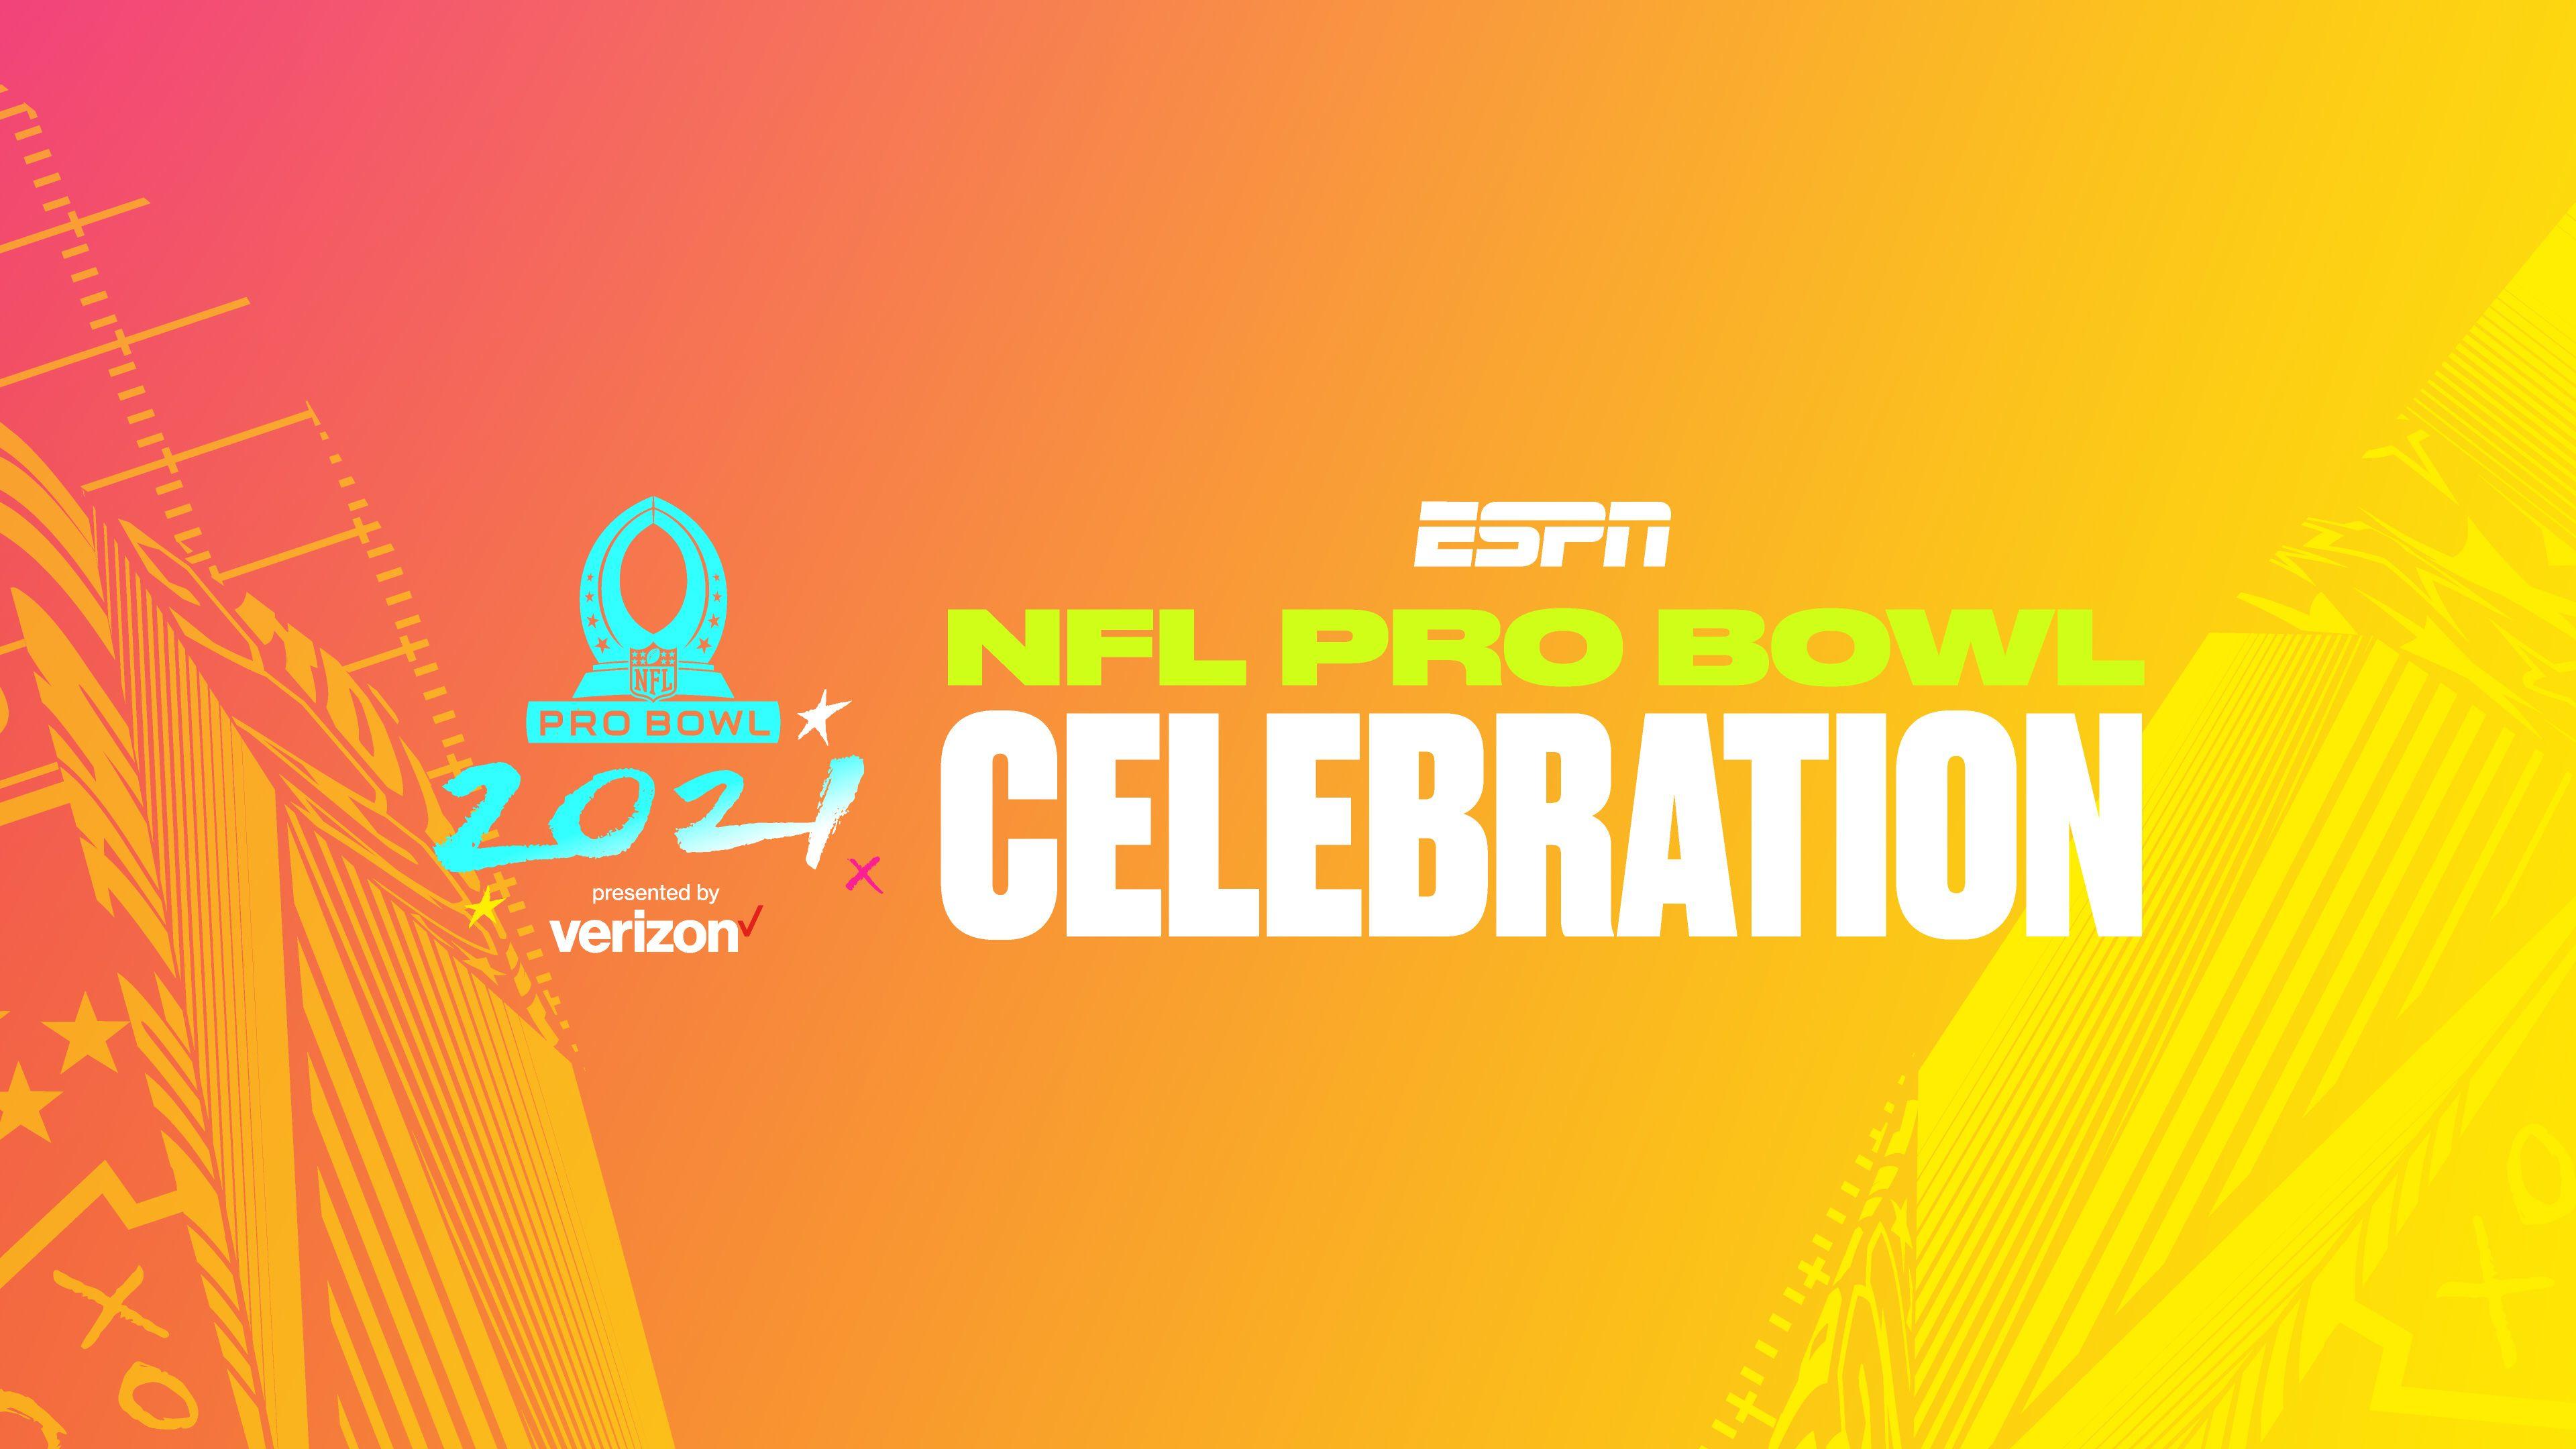 2021 NFL Pro Bowl Celebration presented by Verizon